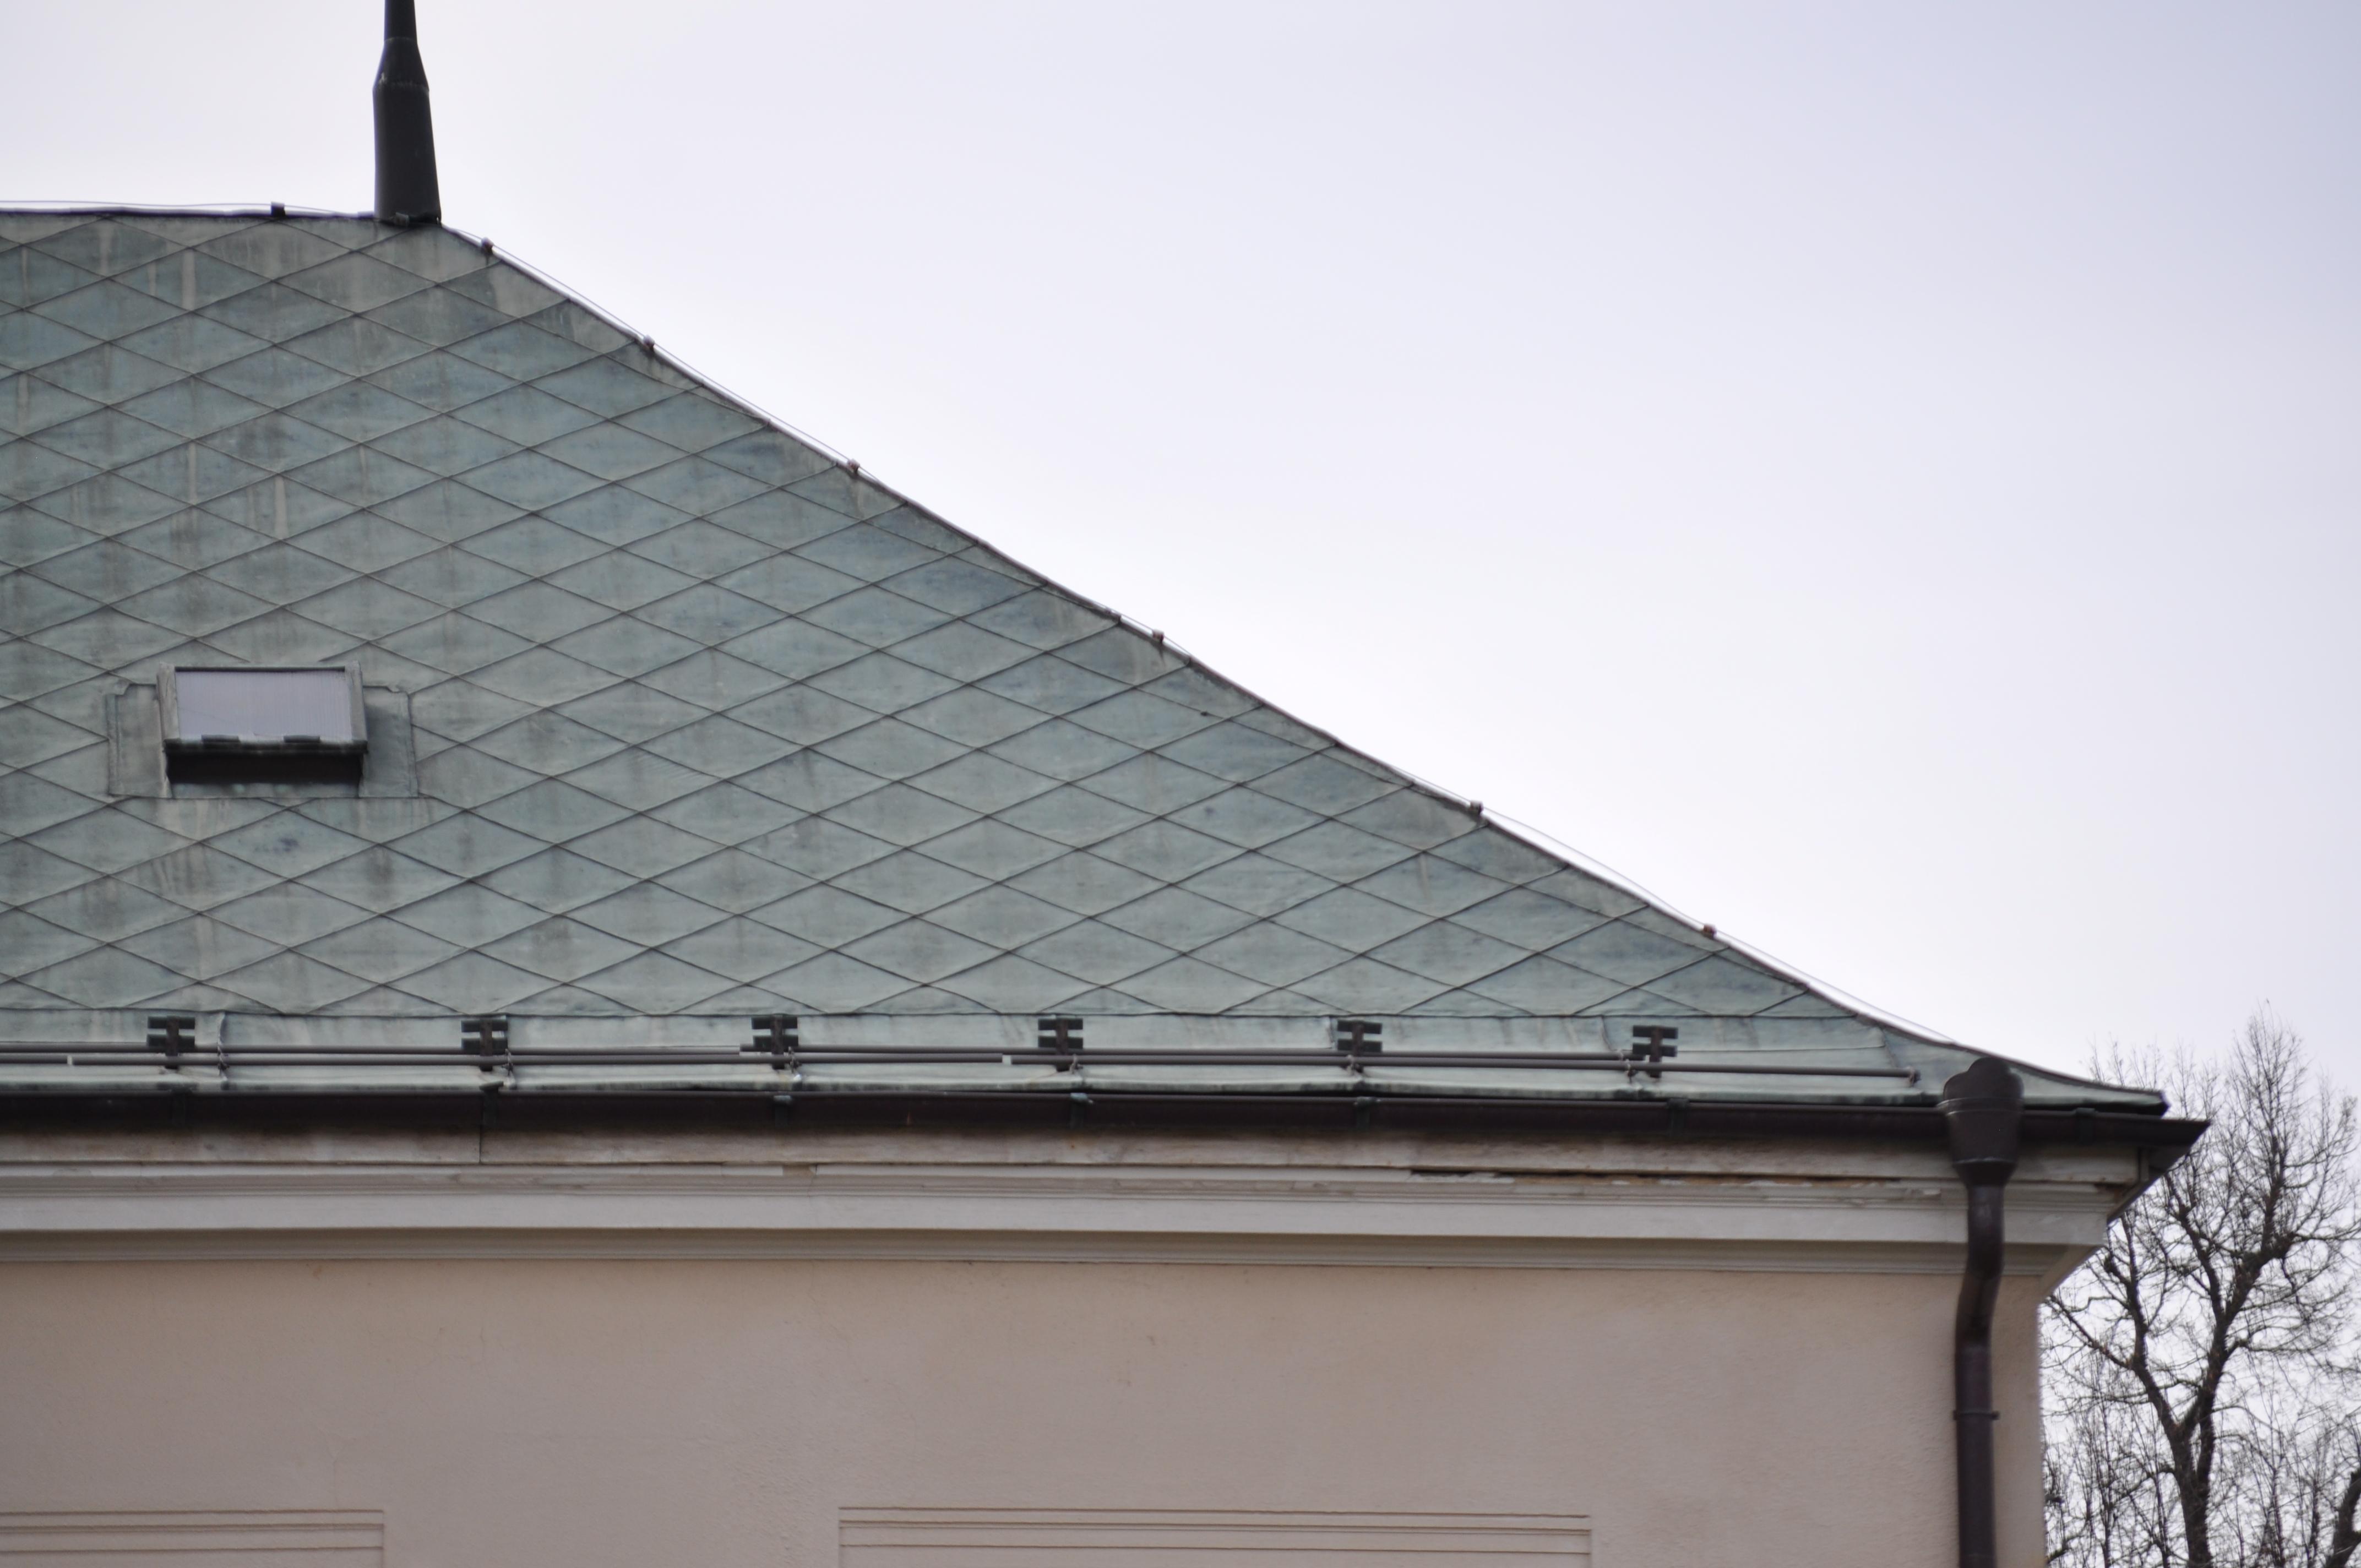 Opotrebovaná strecha